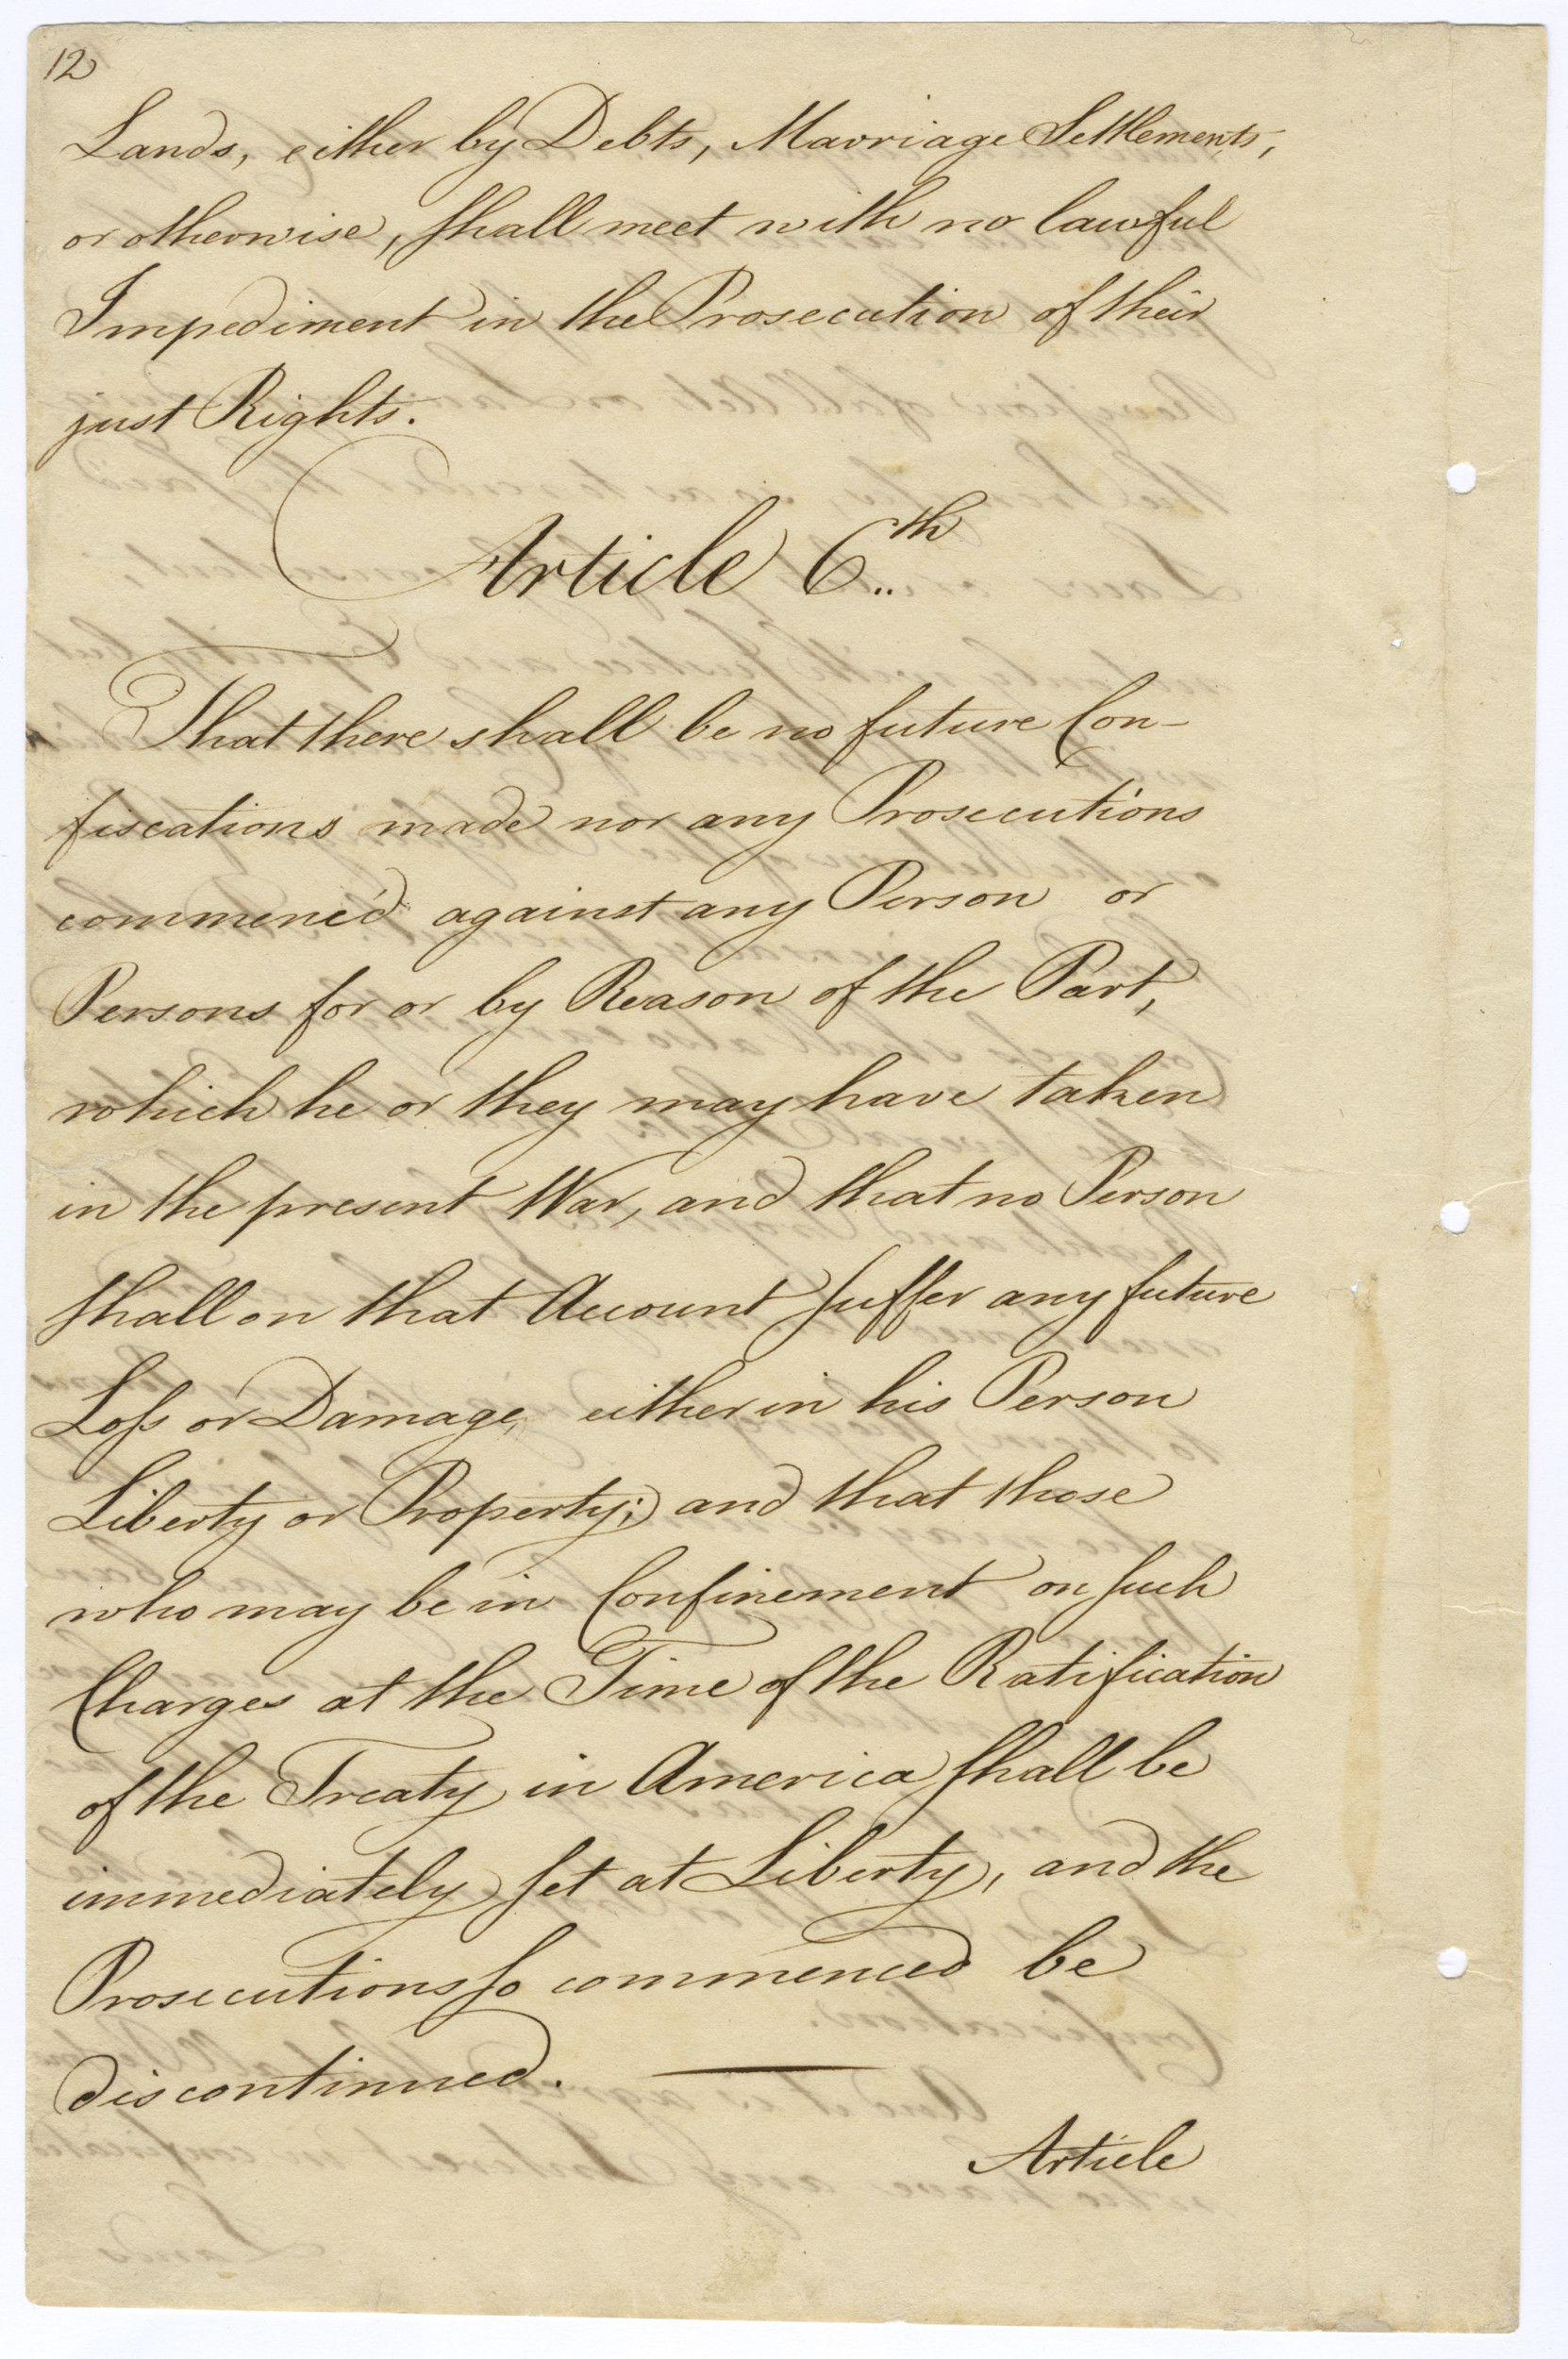 treaty of paris 1783 document